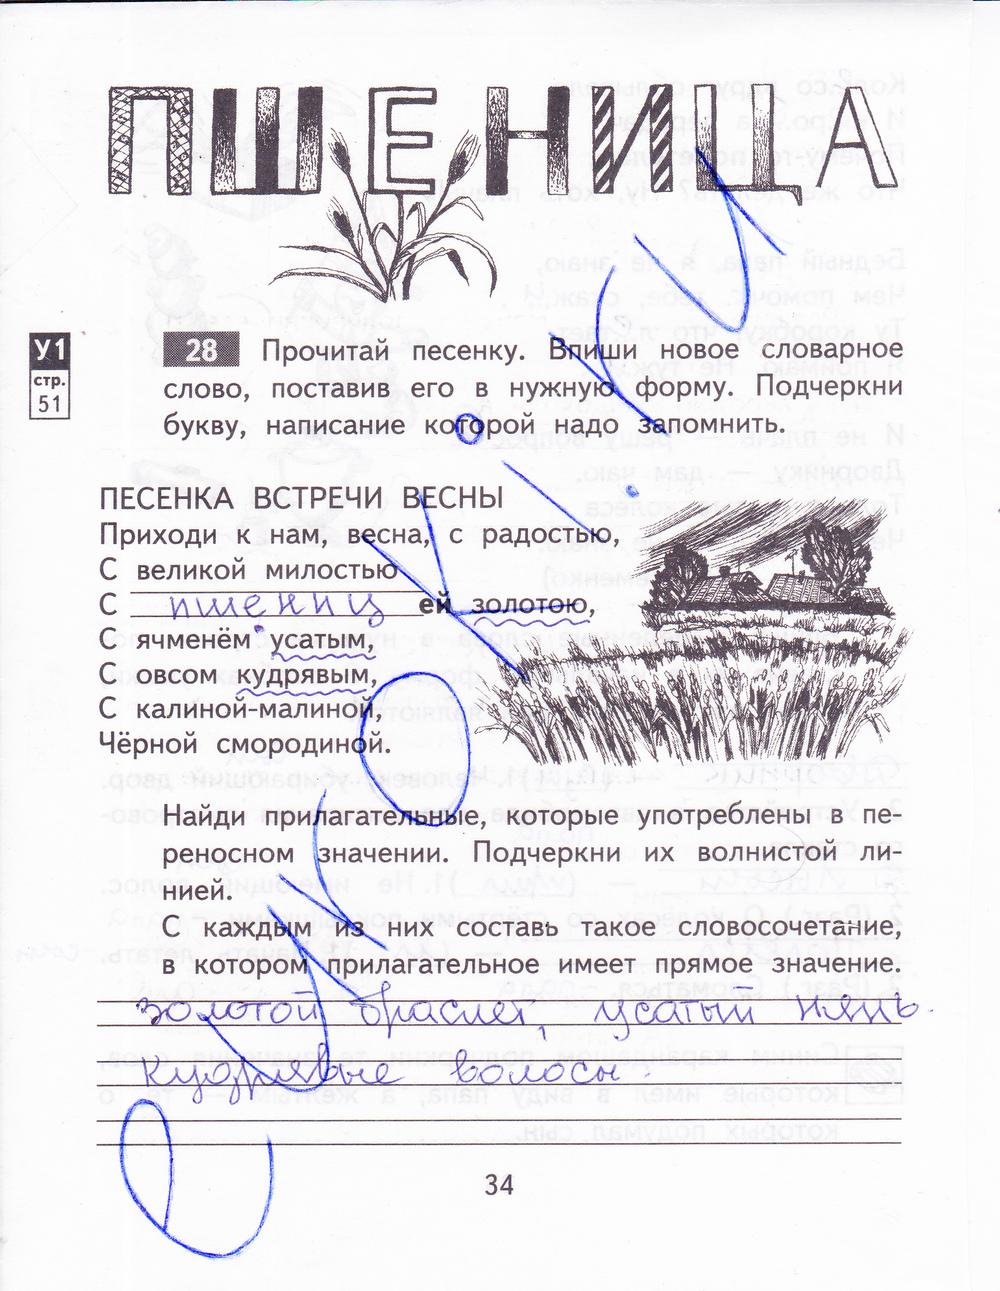 Решебник русский язык 3 класс каленчук 1 часть.